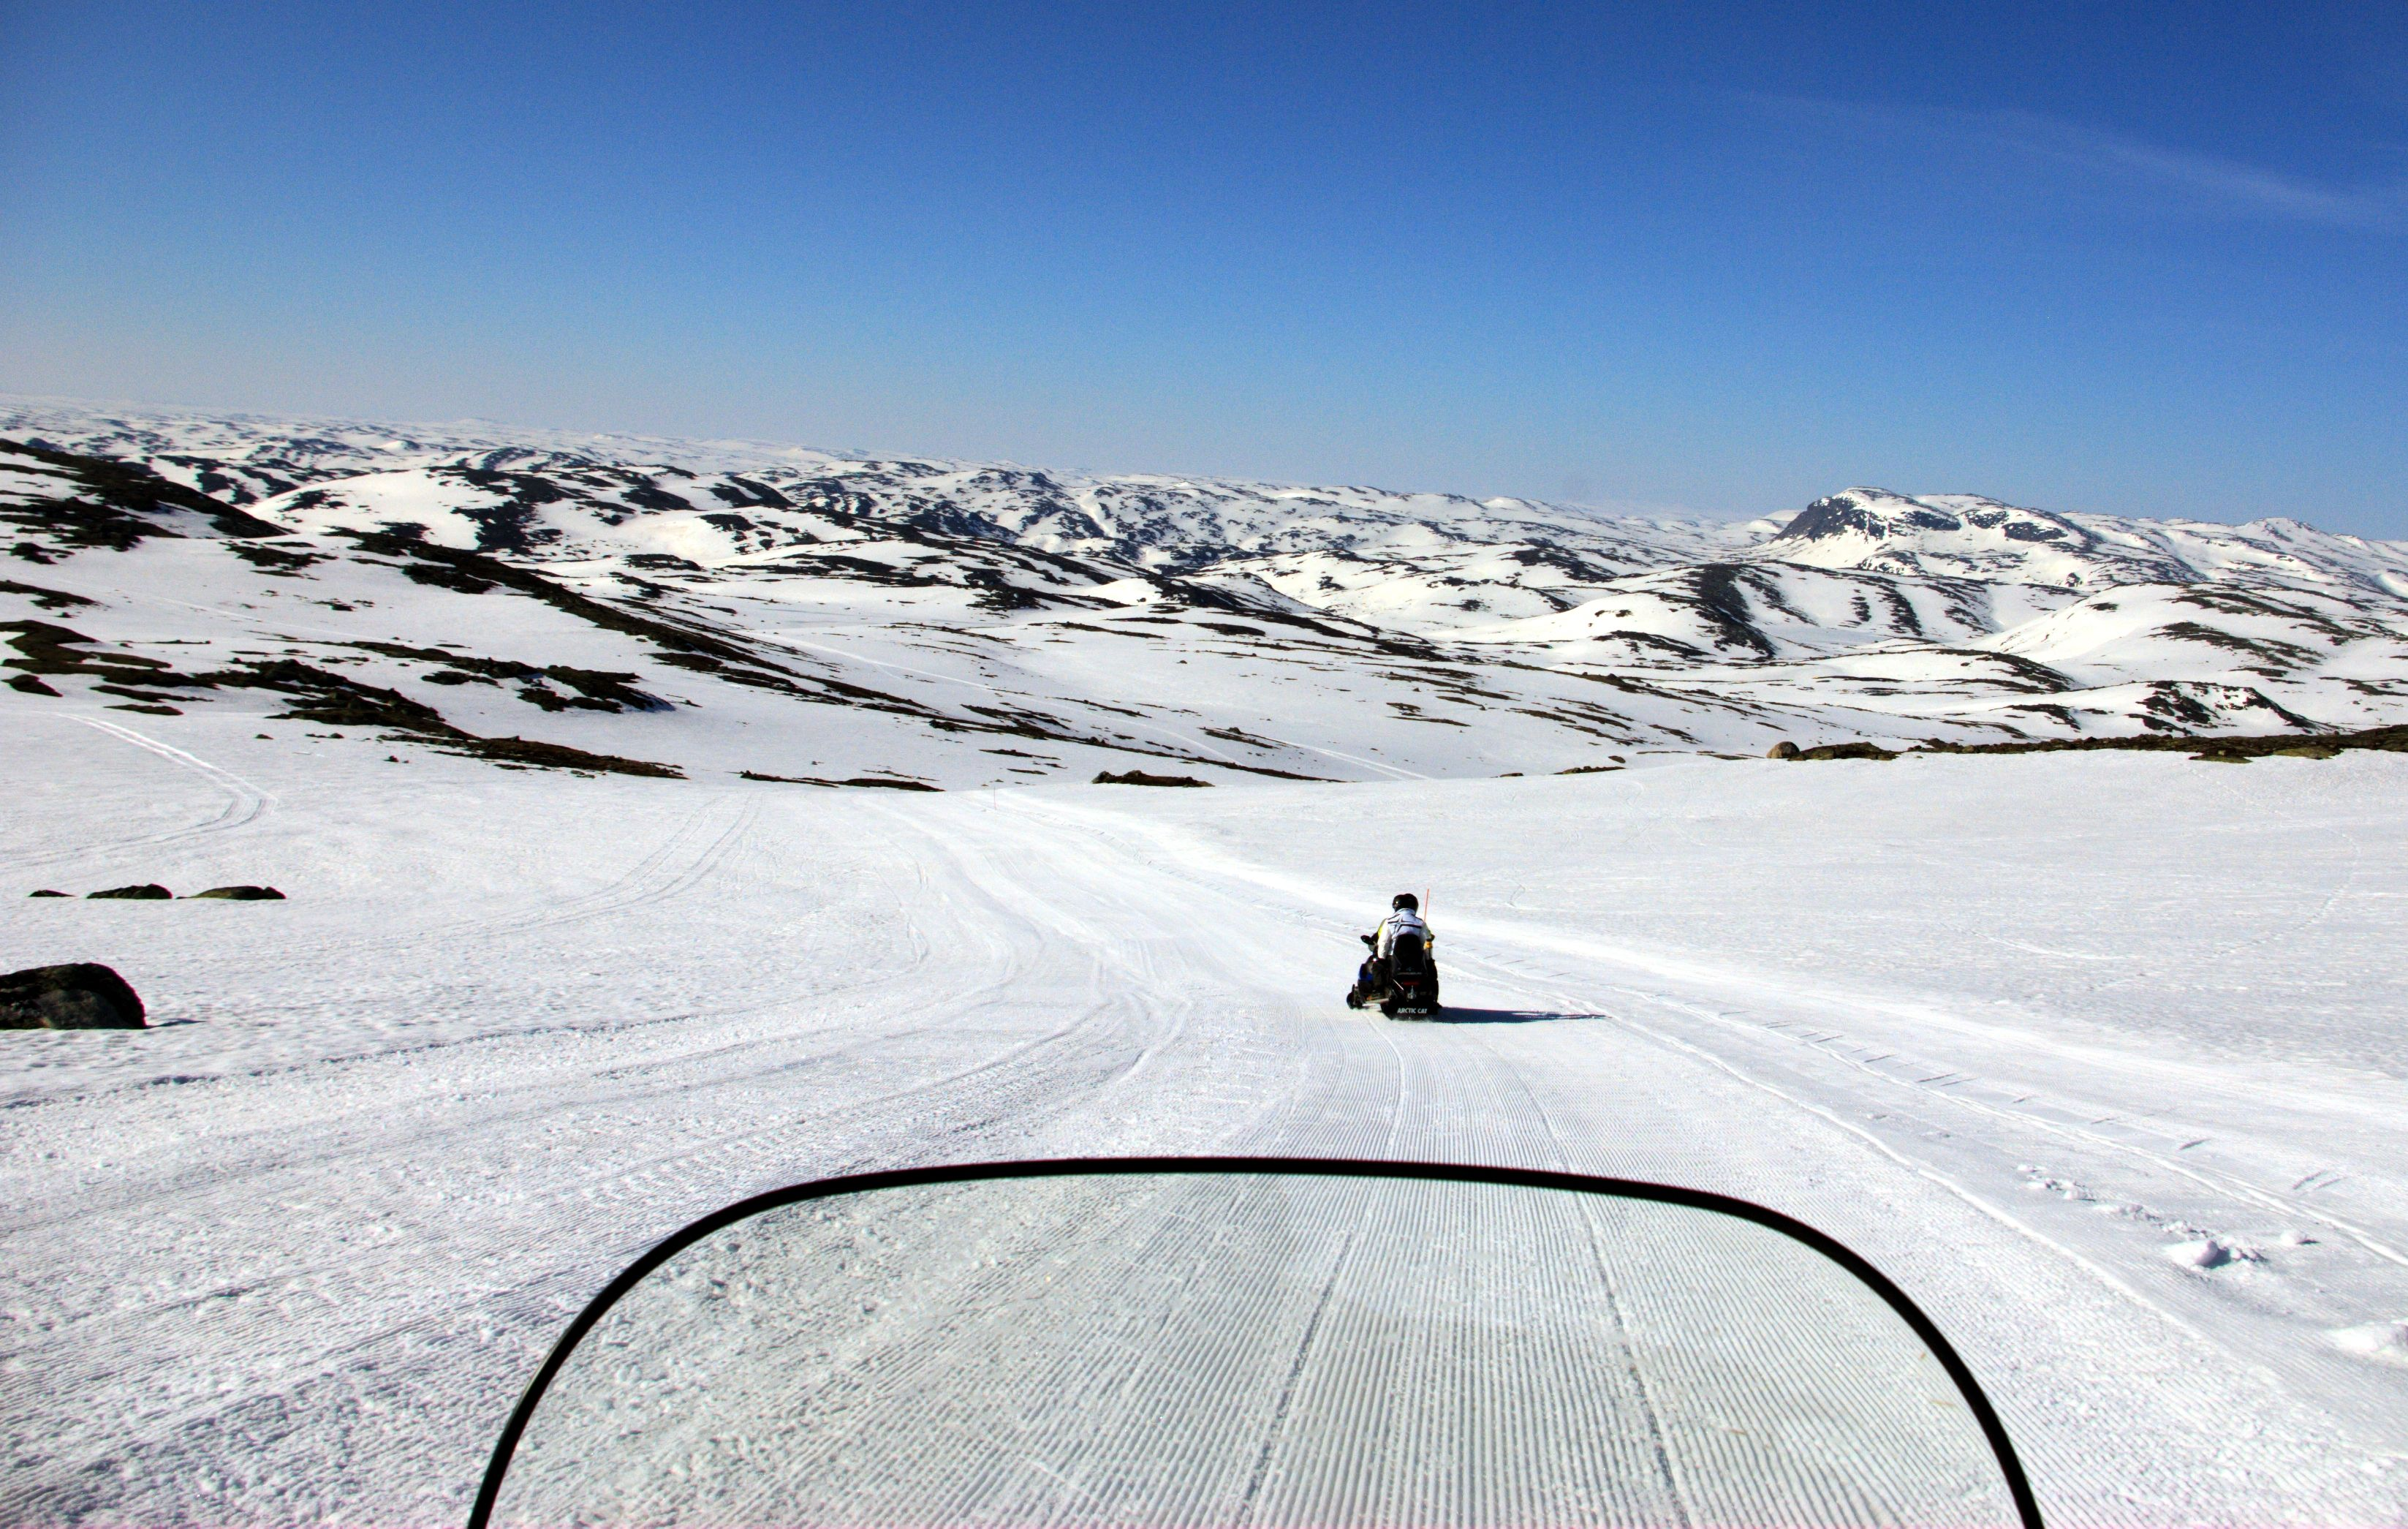 Når Telenor skal bygge dekning til Skarverennet, må utstyret fraktes ut på snøskuter.Foto: Einar Eriksen